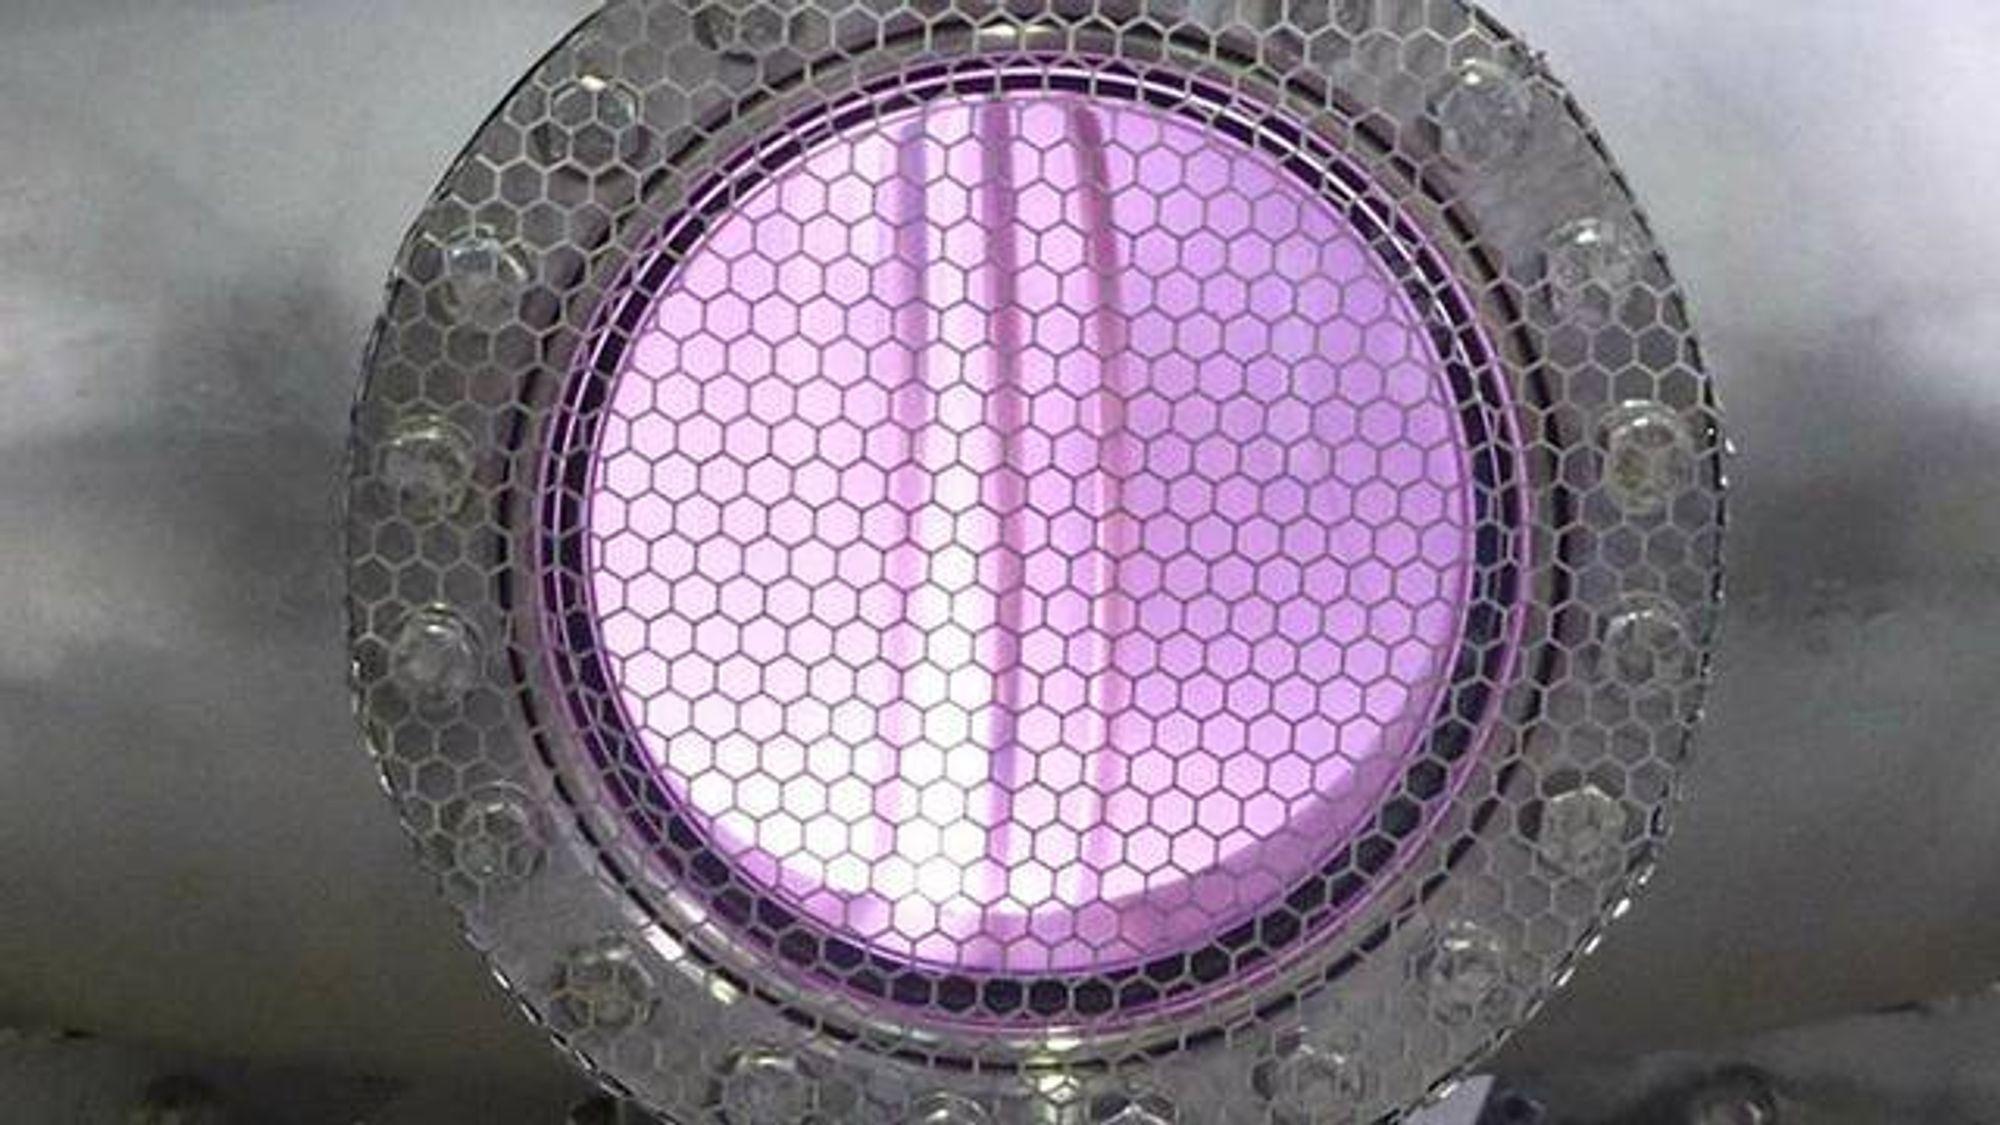 Vellykket start for ny fusjonsreaktor: Har klart å lage plasma